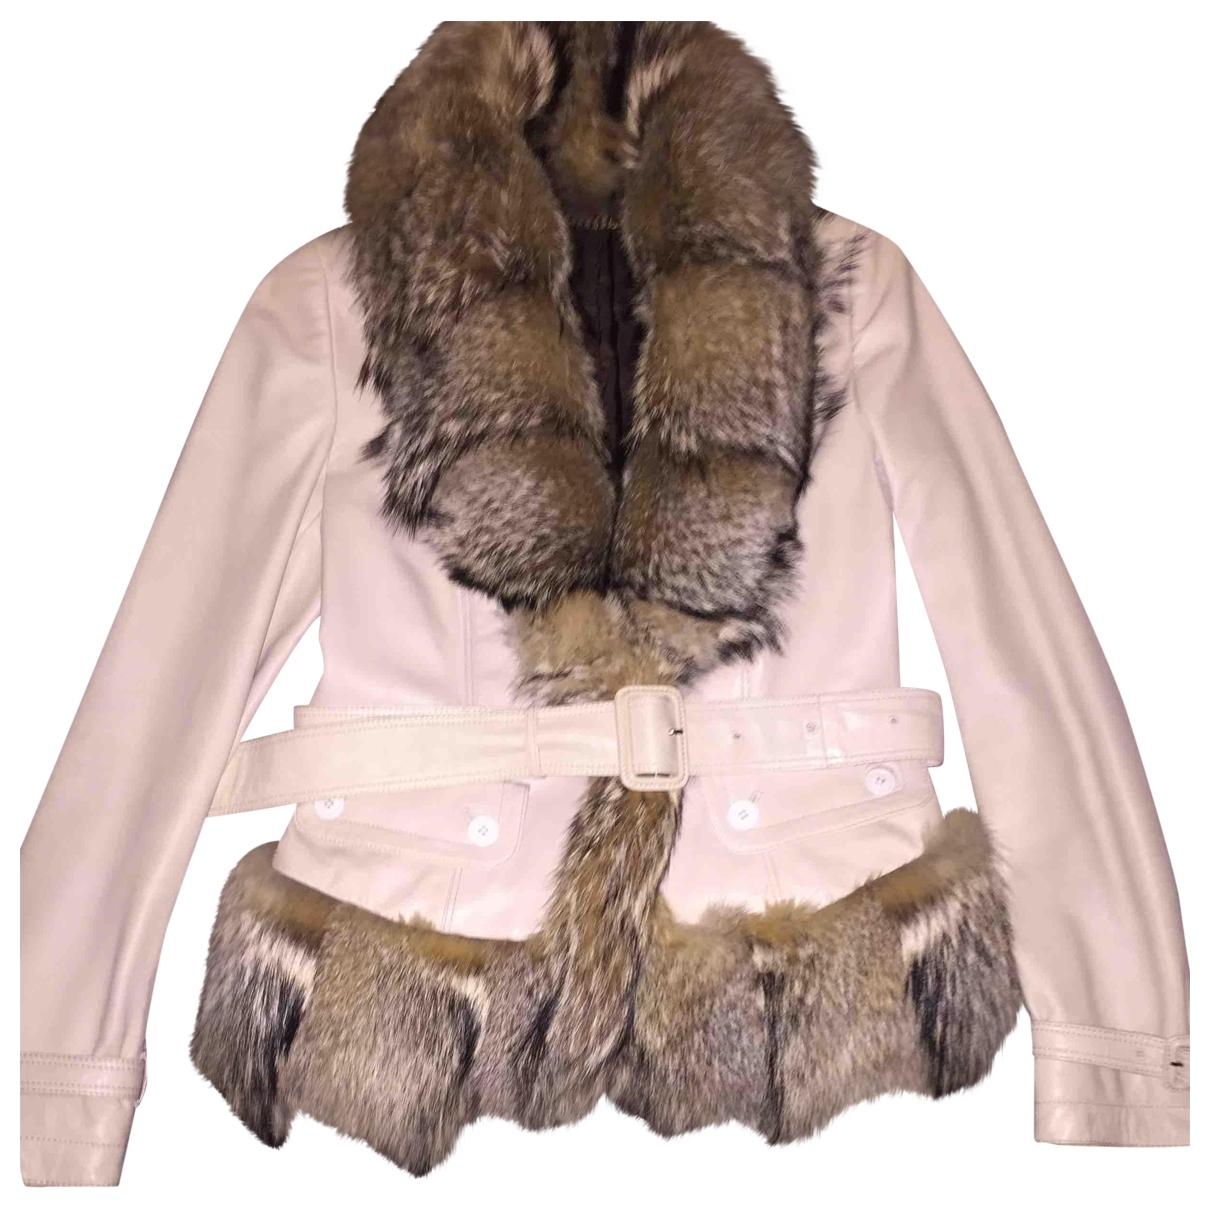 Burberry \N Beige Fur jacket for Women 42 IT